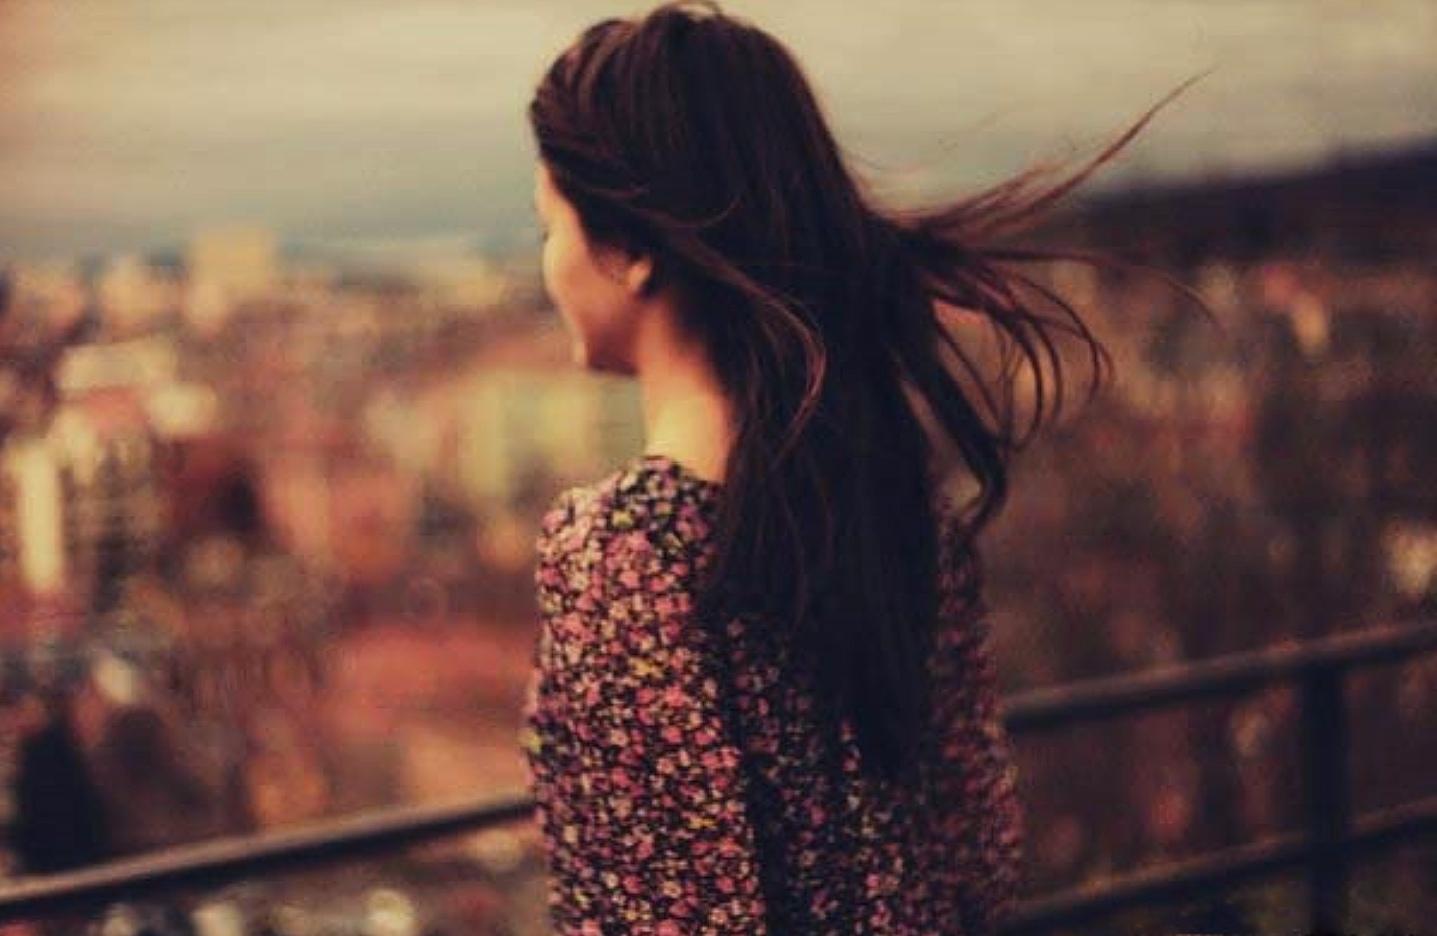 Ảnh cô gái cô đơn, đau khổ đẹp